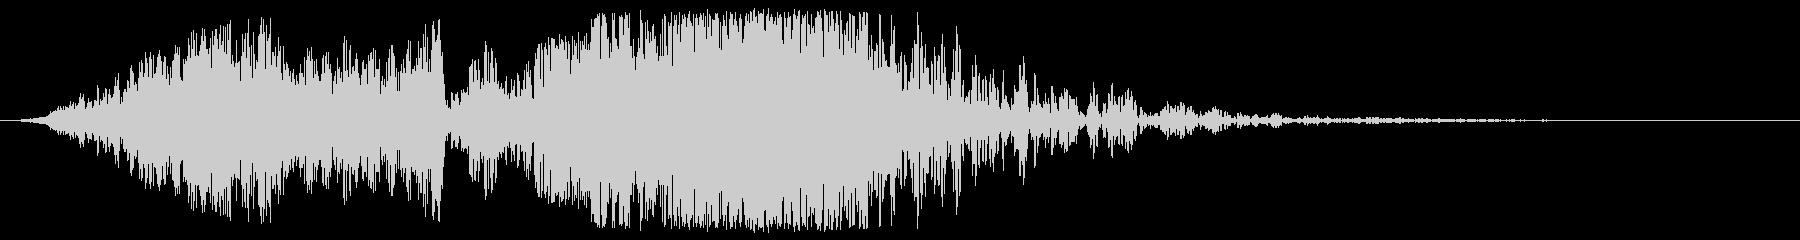 キングメタルトランスフォーメーションの未再生の波形